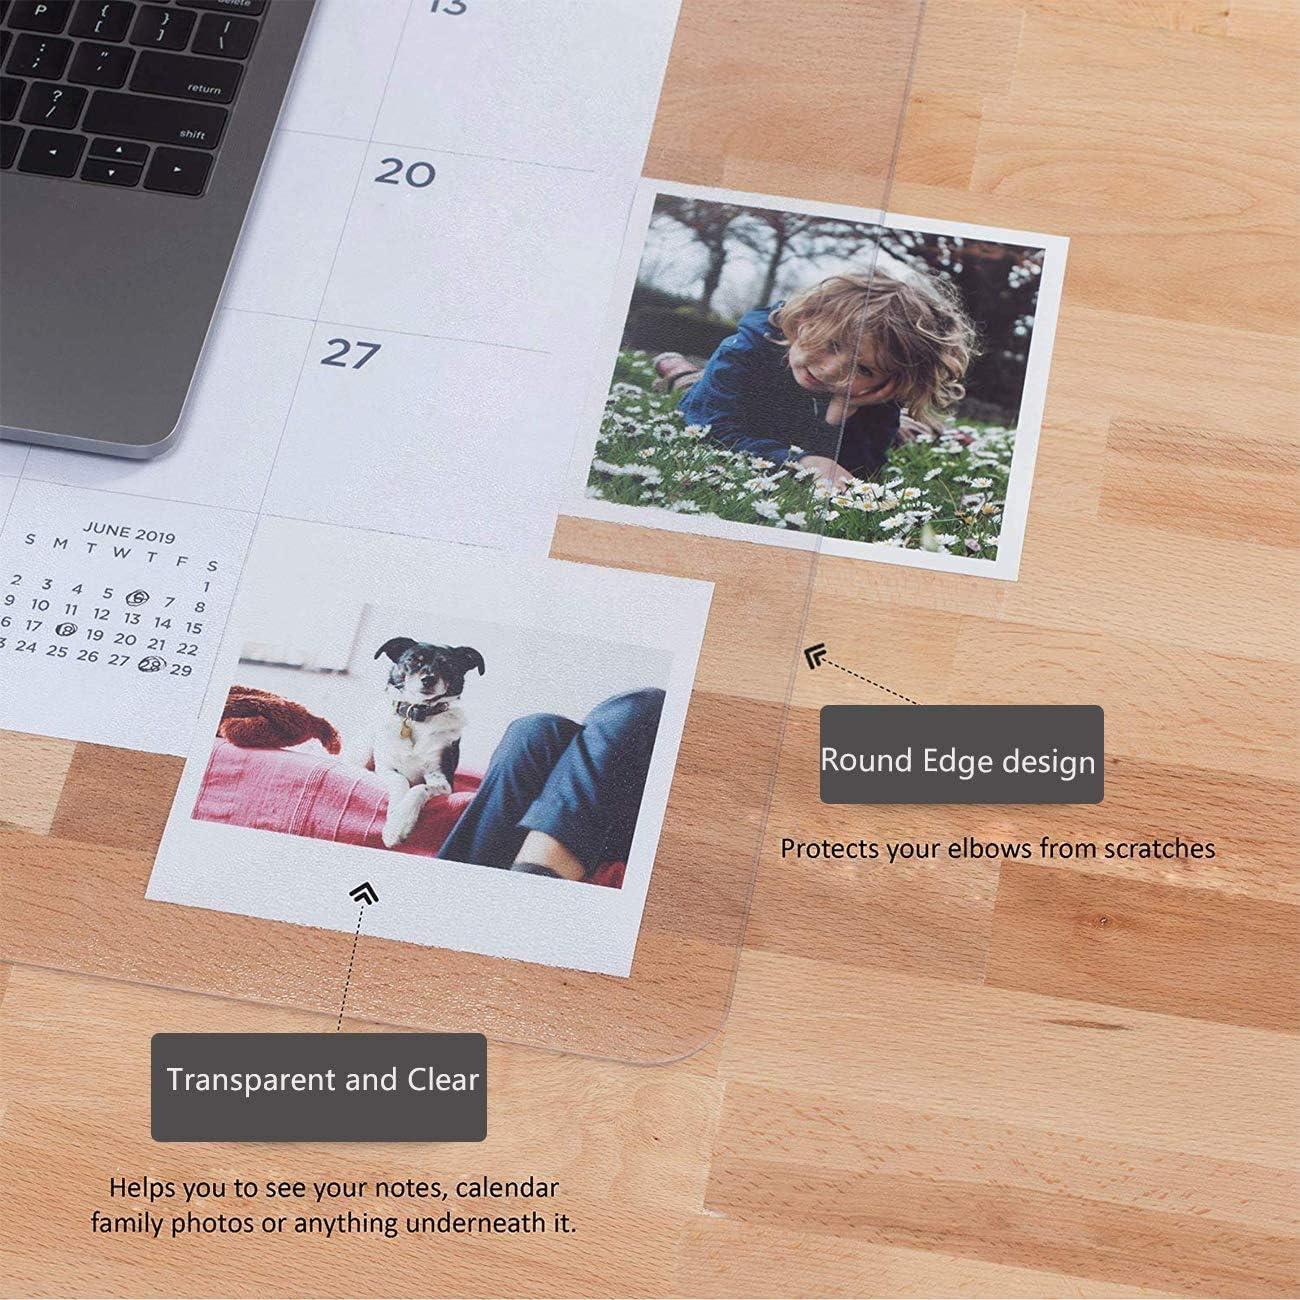 90x50cm tapis de souris lisse inclus bord rond pour dessin pour enfant Tapis de bureau imperm/éable en PVC transparent avec protection antid/érapante